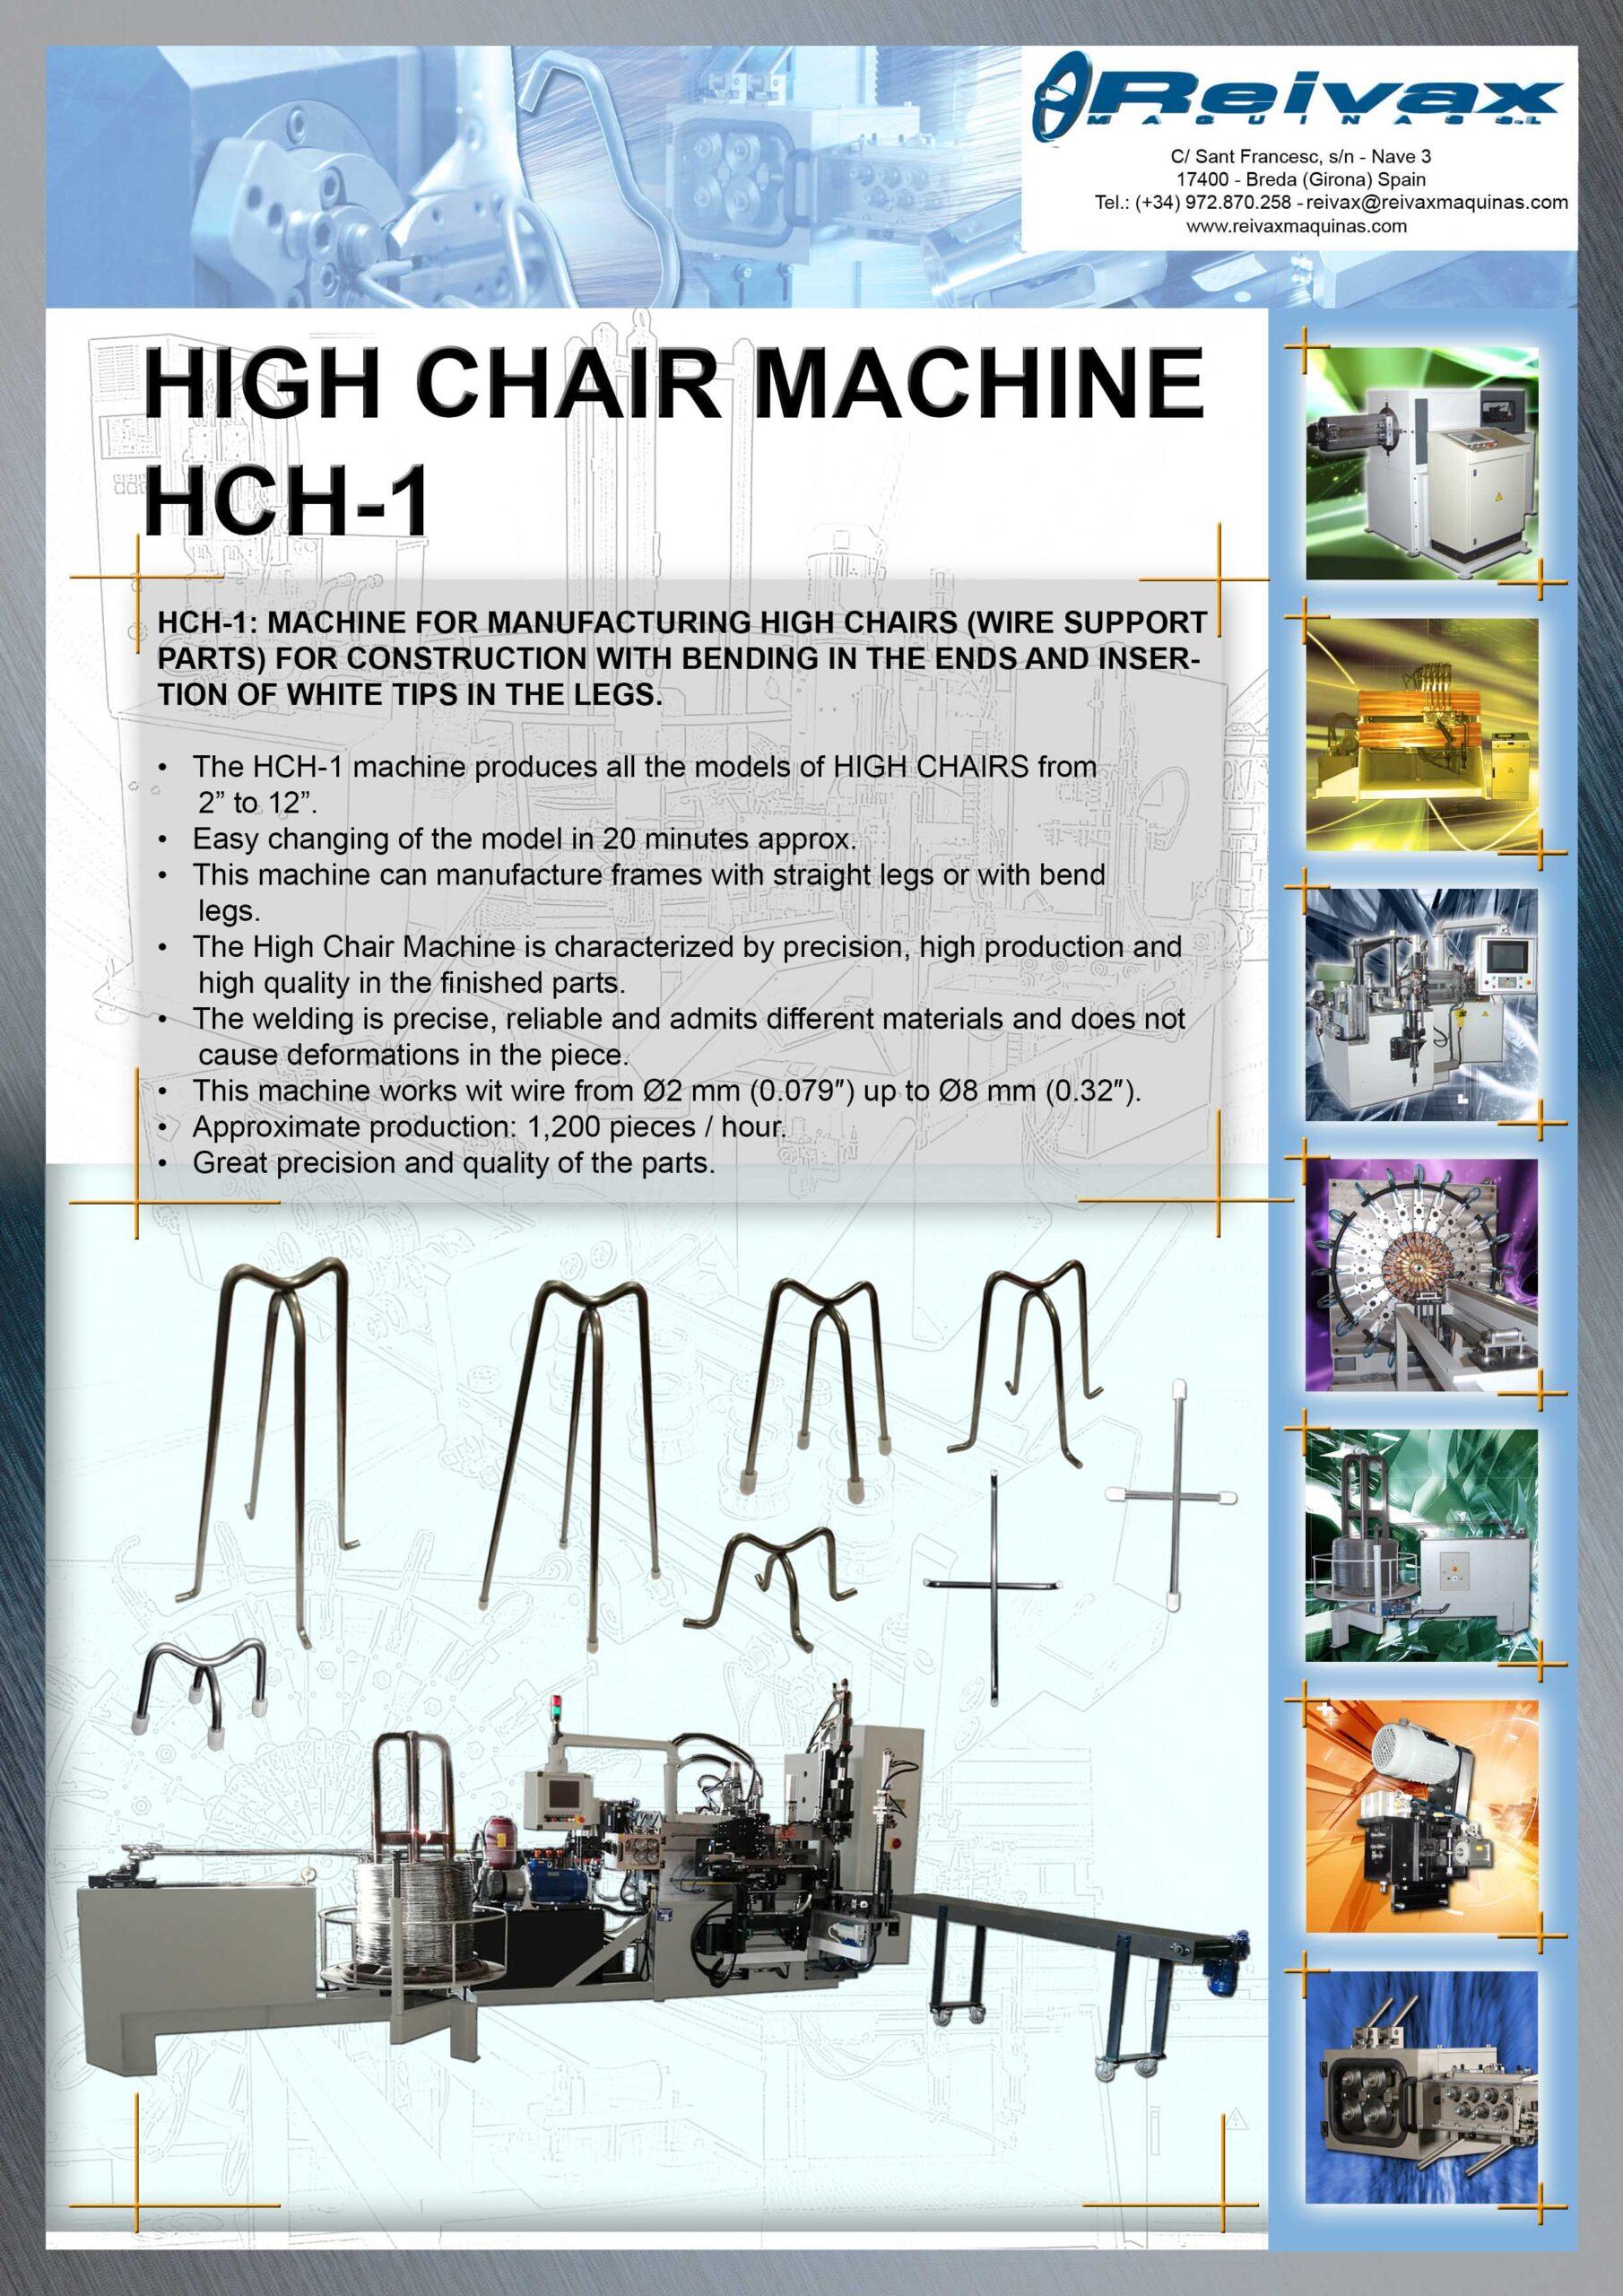 Reivax Maquinas, S.L: HIGH CHAIR Machine - Ref.: HCH-1